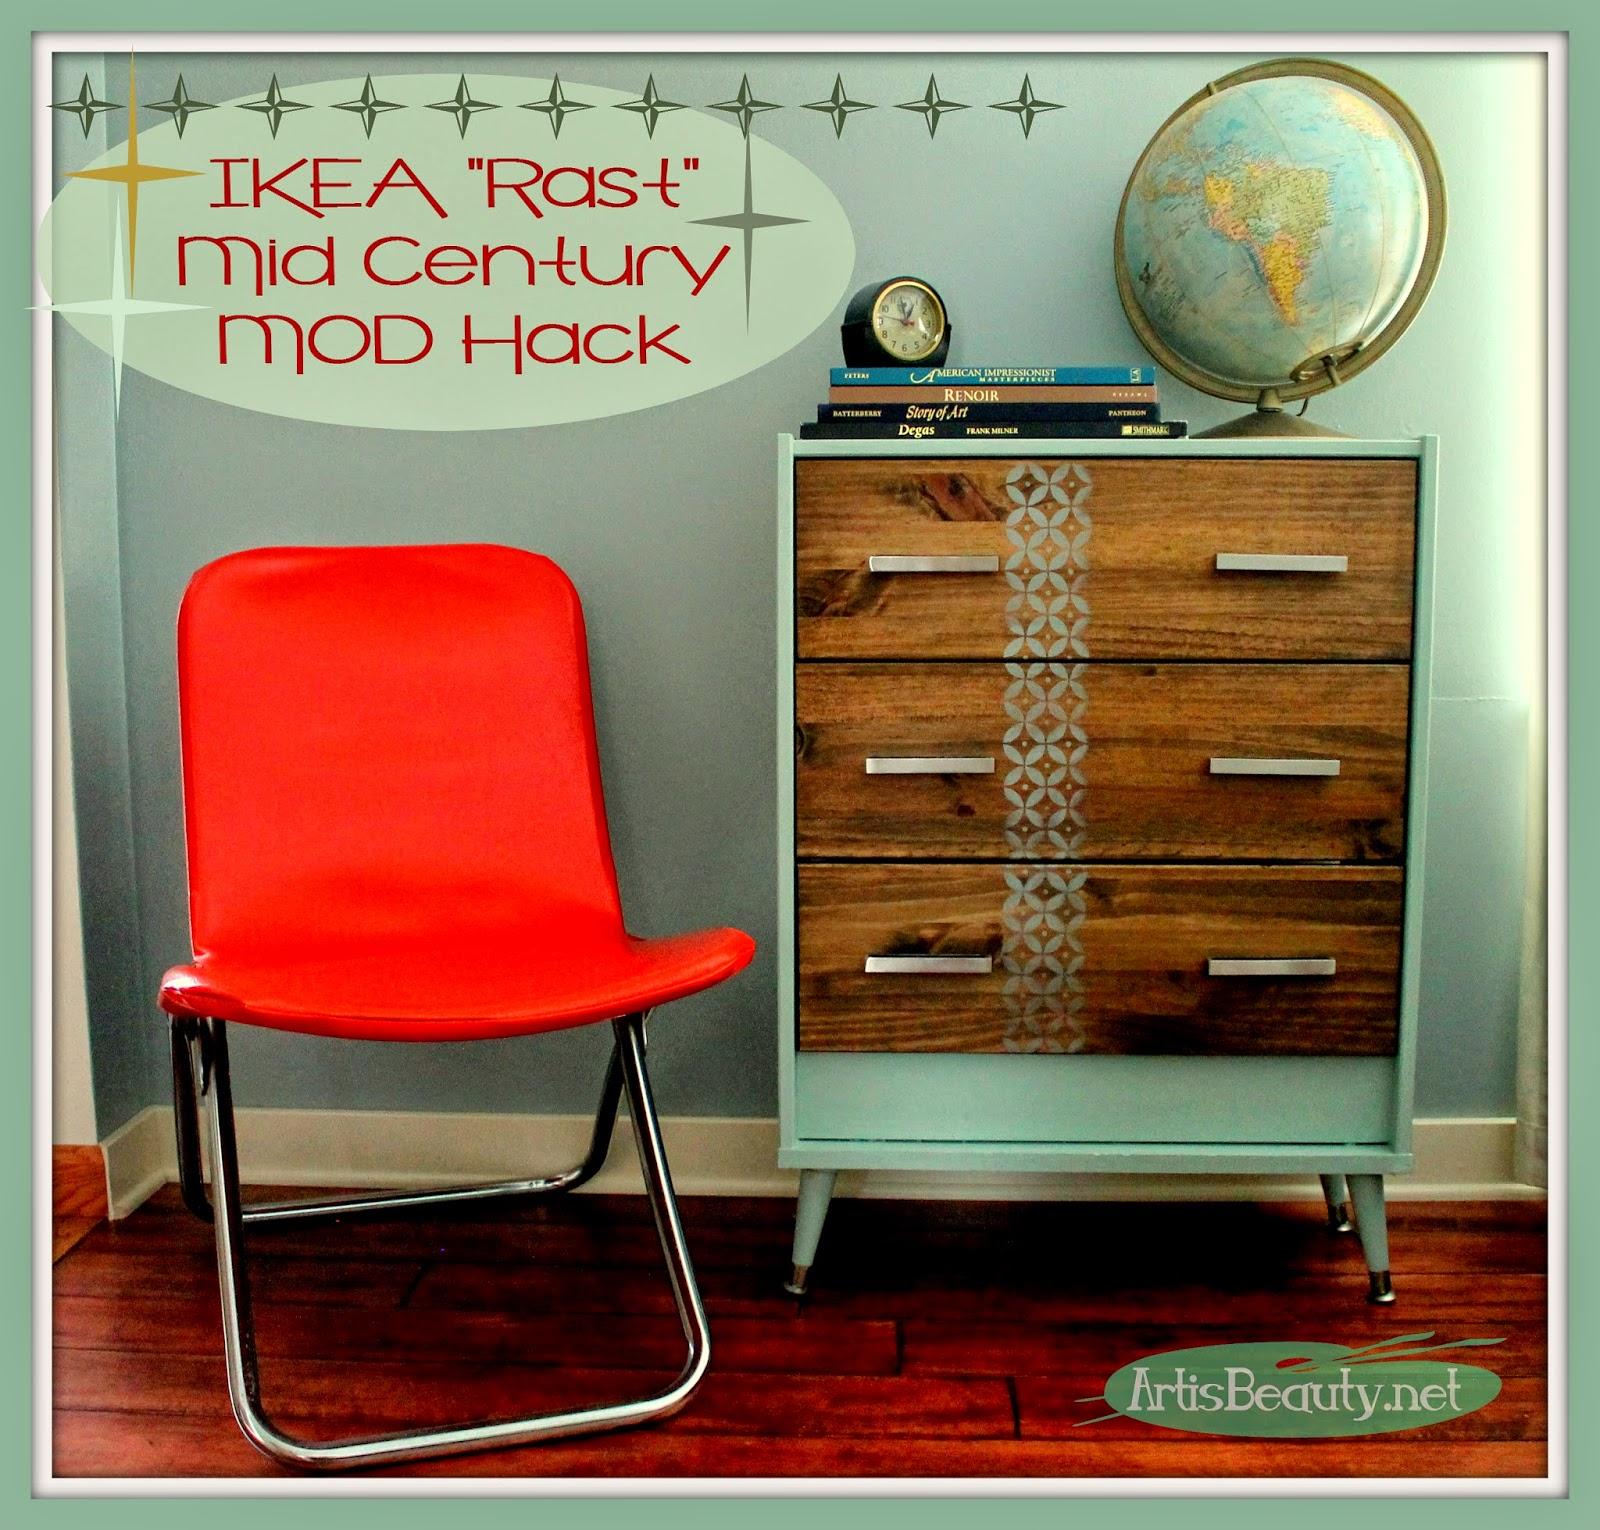 Ikea RAST mid century mod hack